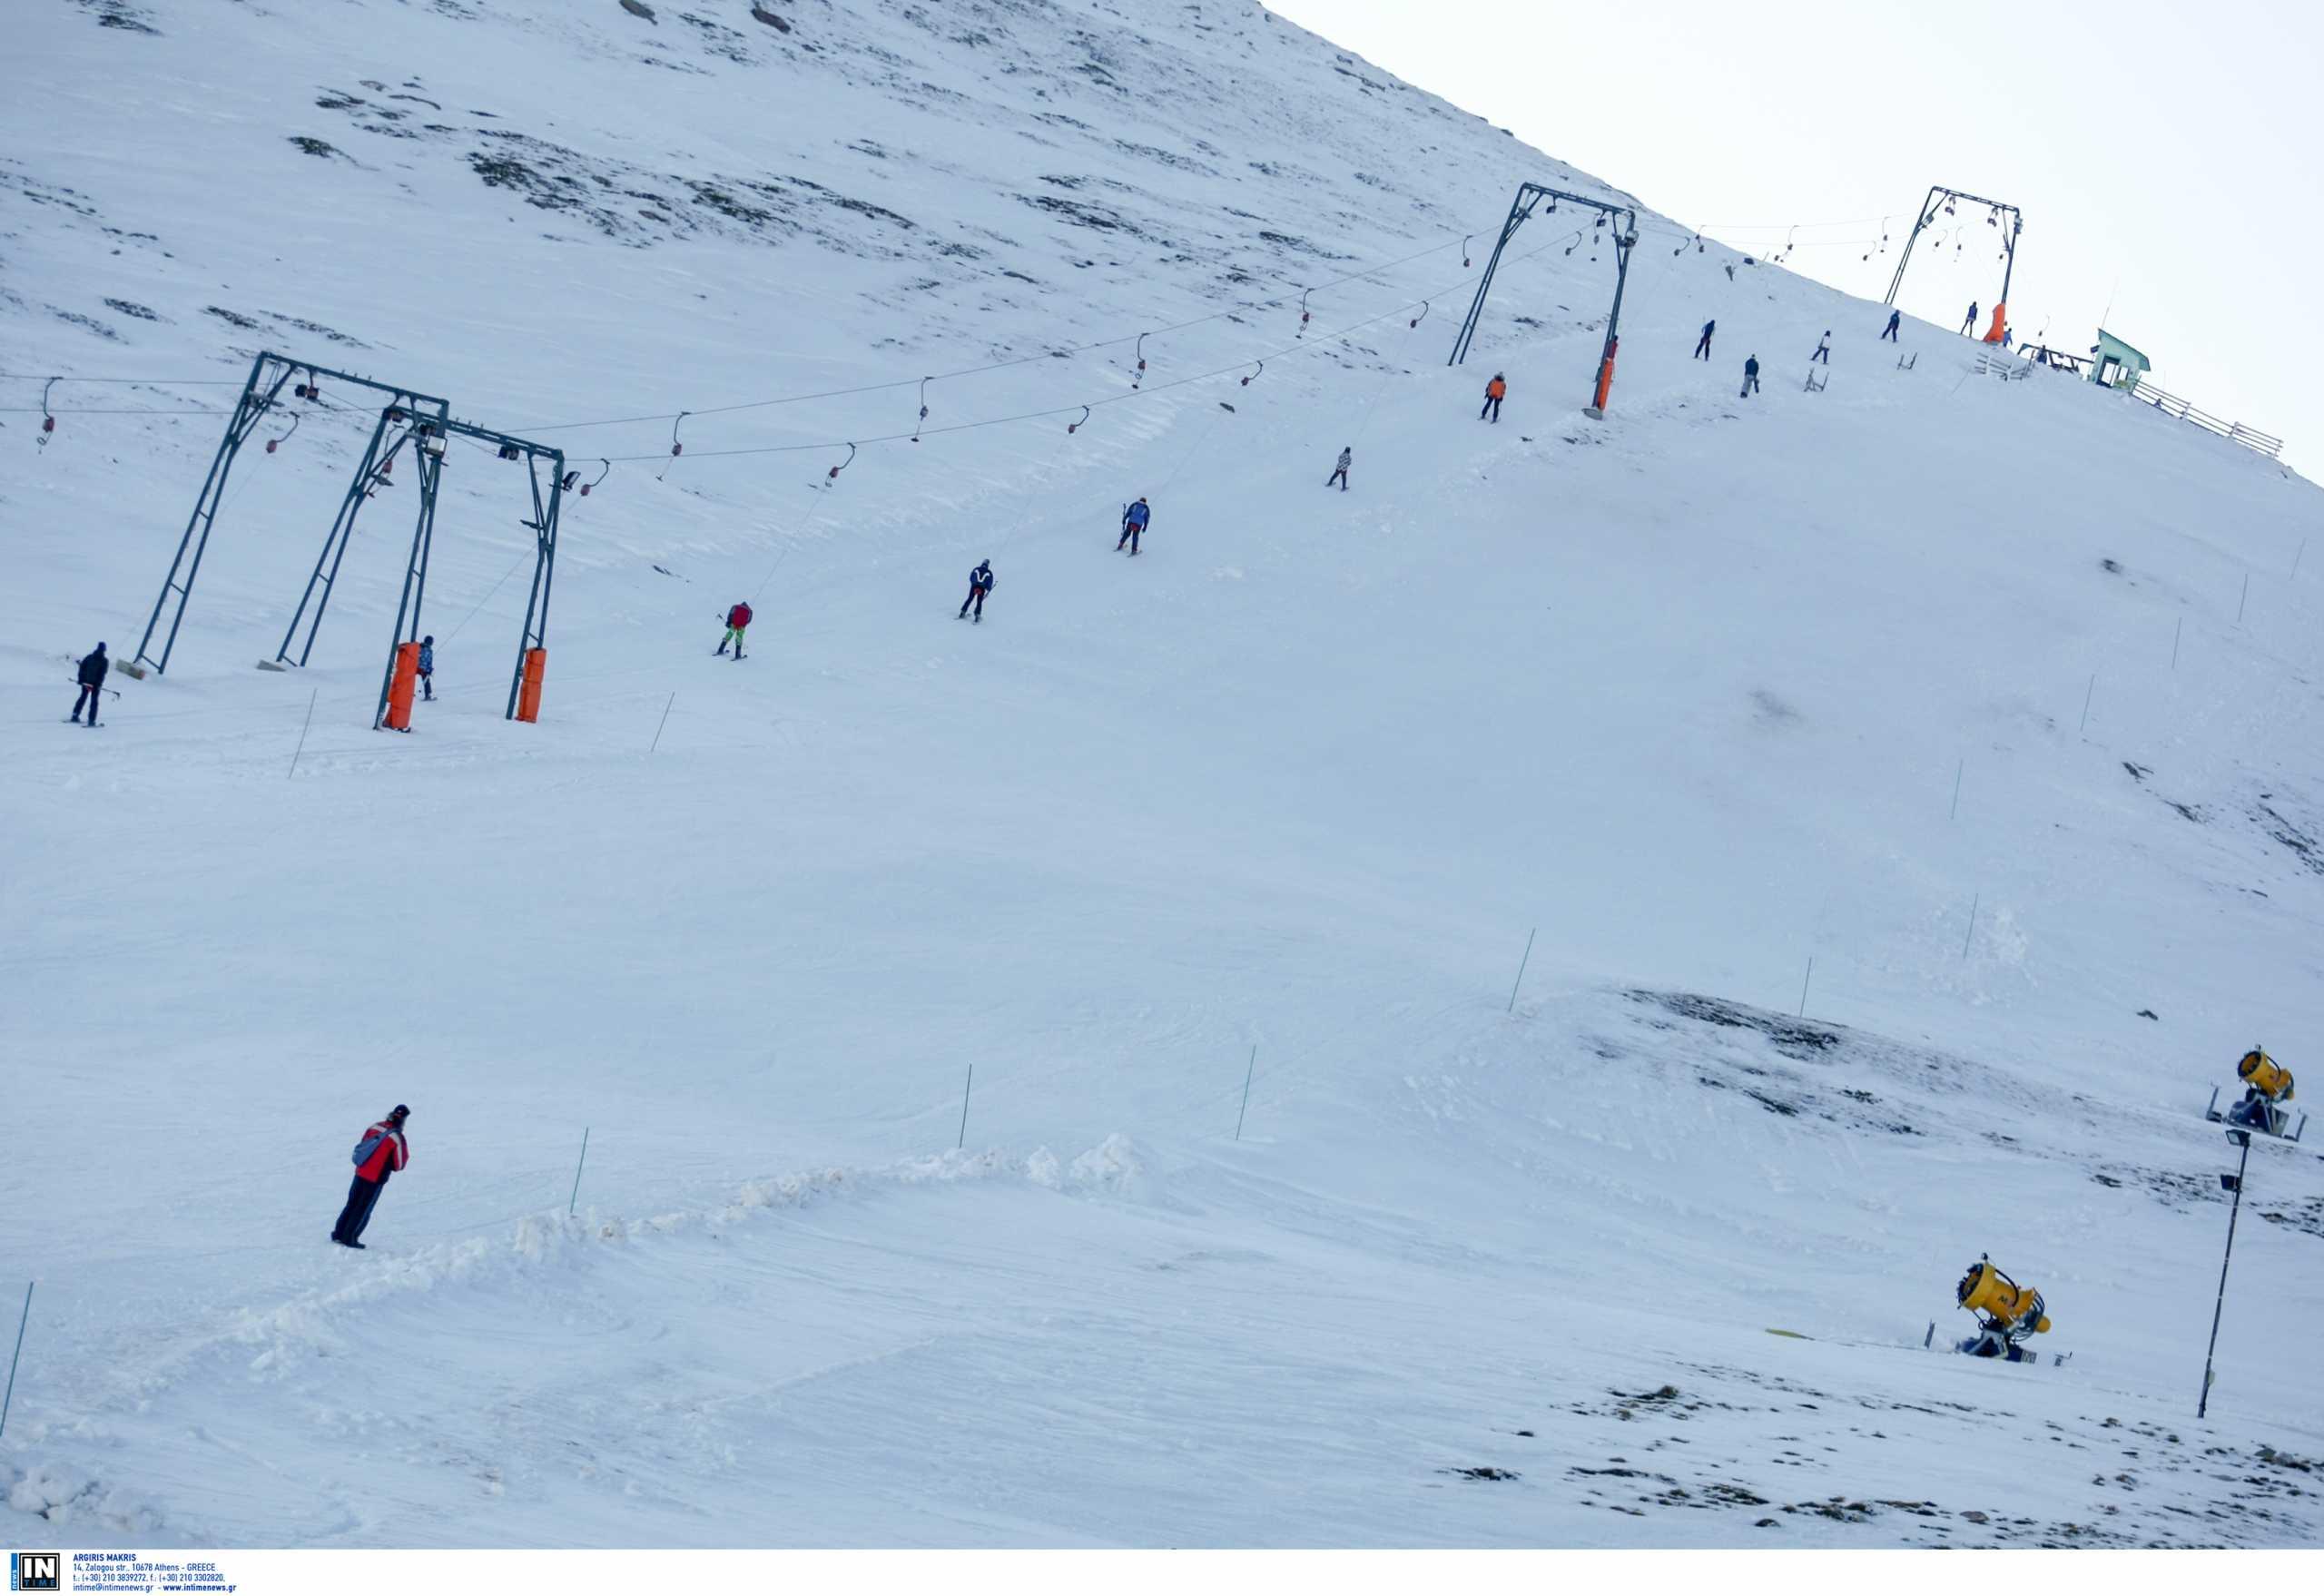 Έρχεται άνοιγμα των χιονοδρομικών και άρση της απαγόρευσης μετακινήσεων από νομό σε νομό